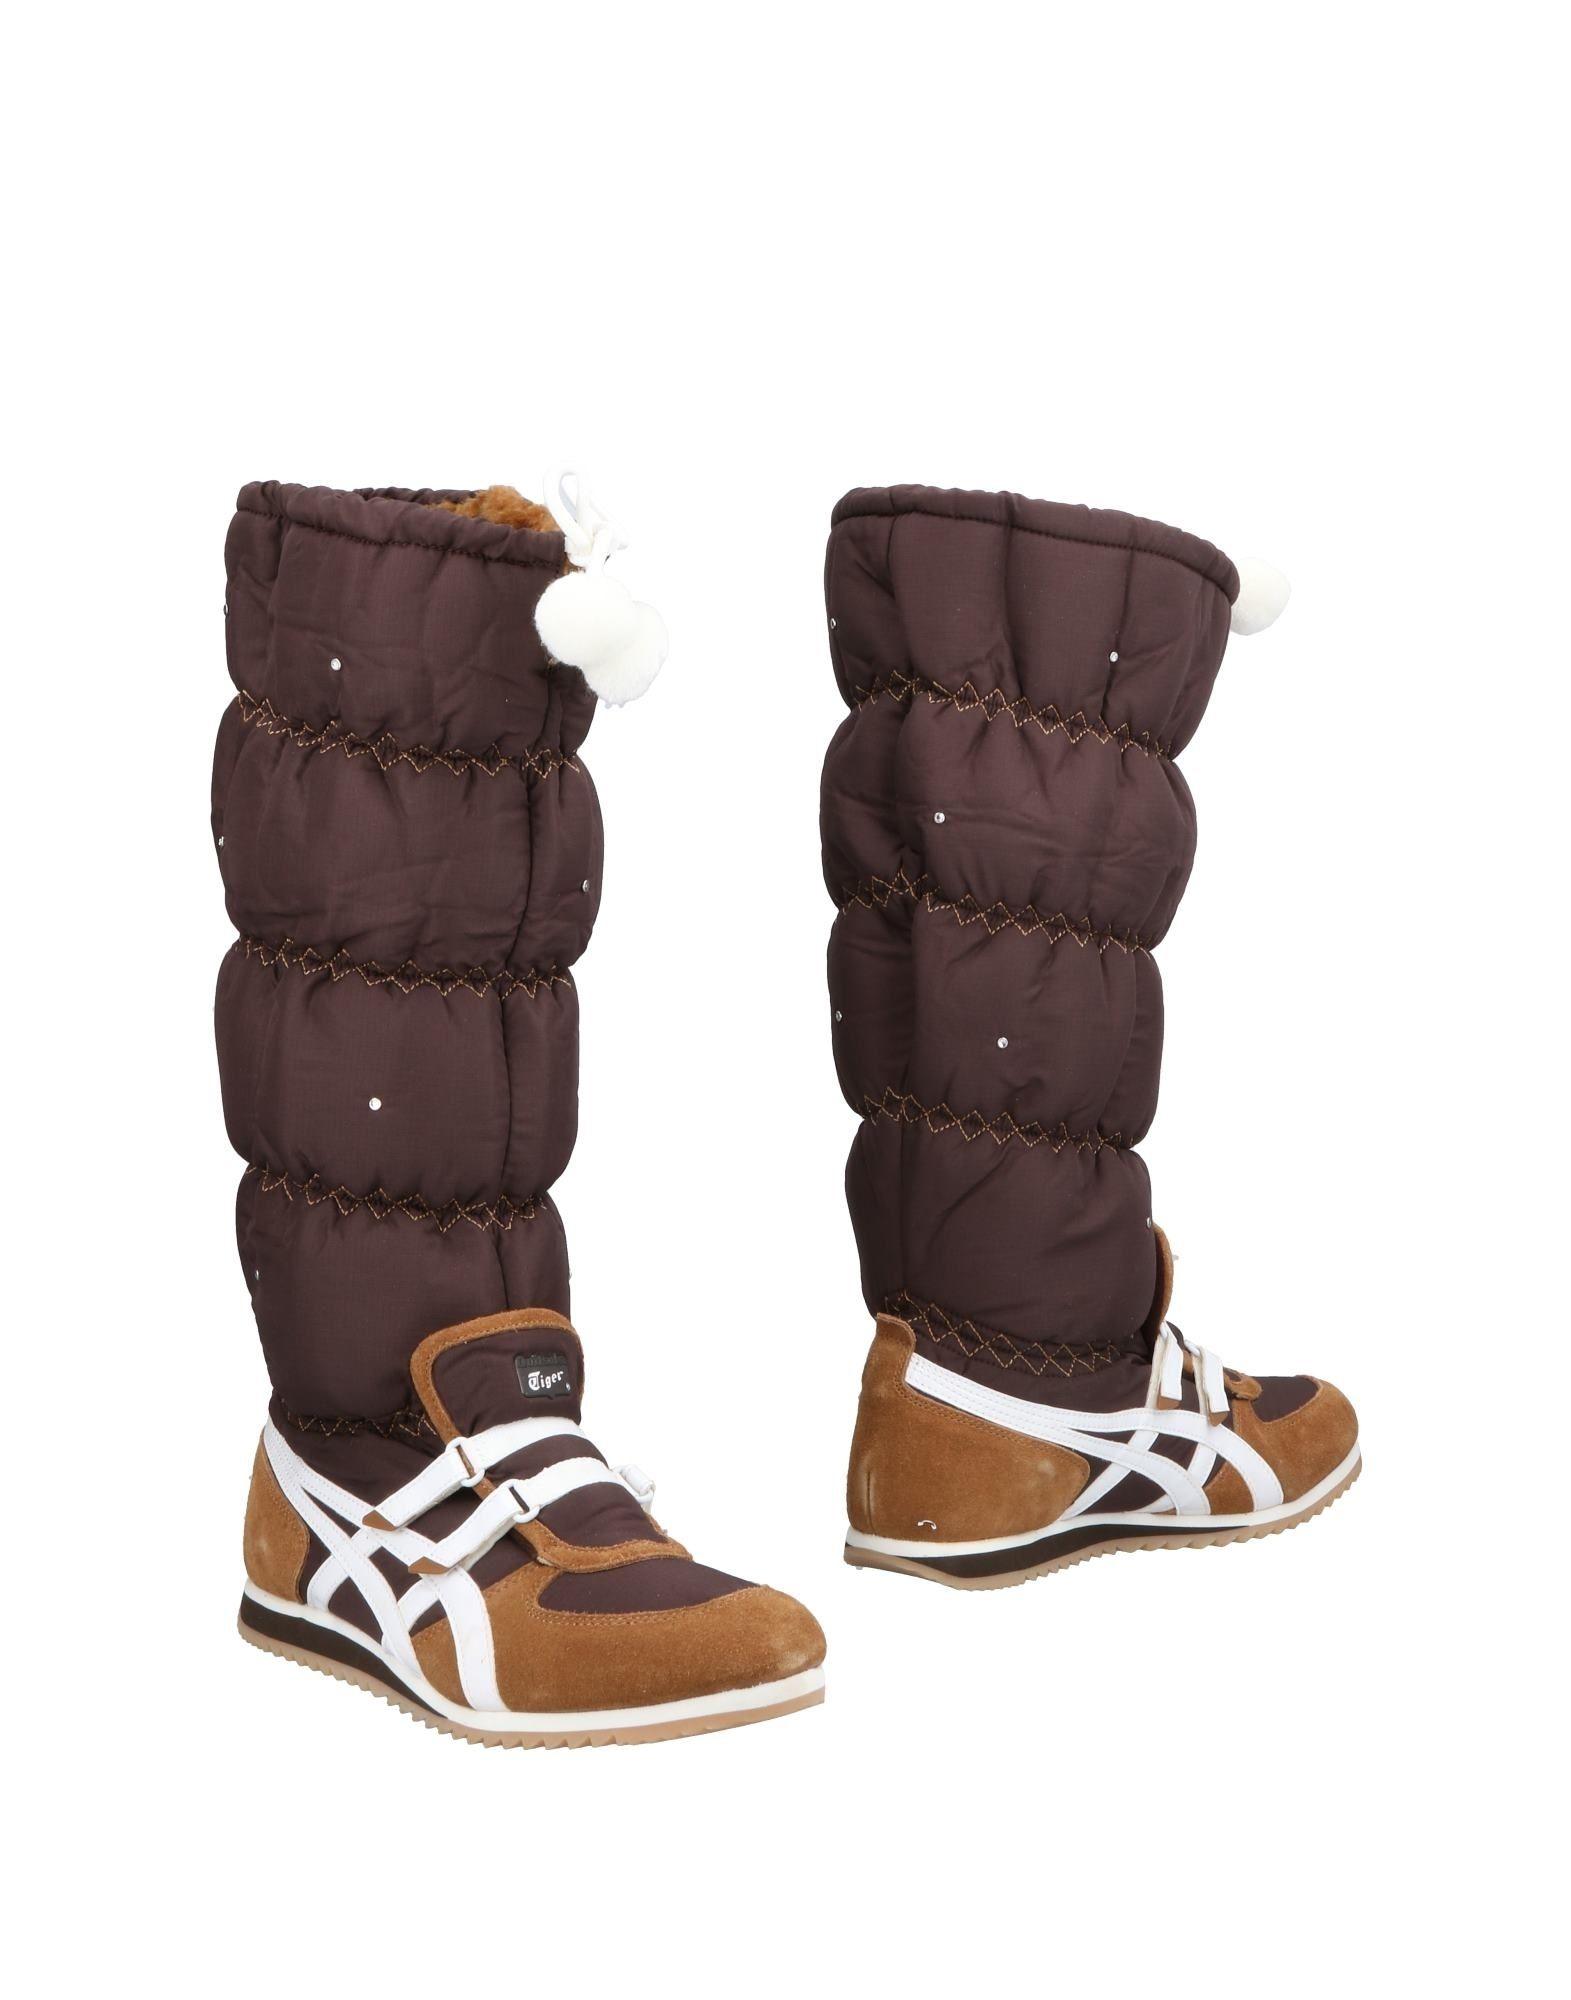 Onitsuka Tiger Stiefel Damen  11504492ED Gute Qualität beliebte Schuhe